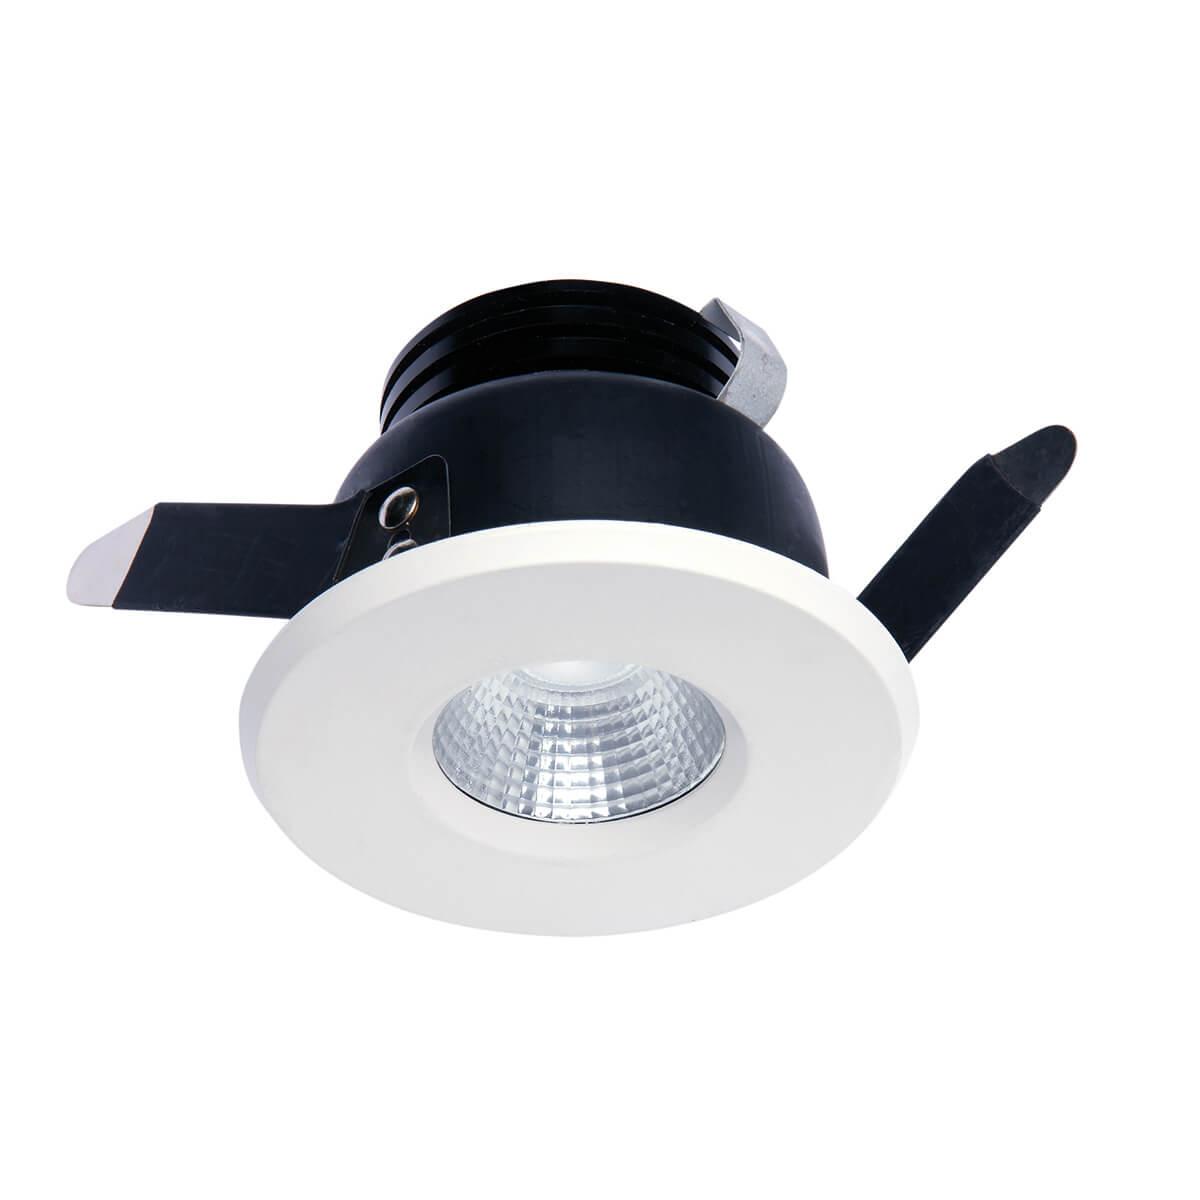 Встраиваемый светильник Mantra Cies C0082 встраиваемый светильник cies c0081 mantra 1155608